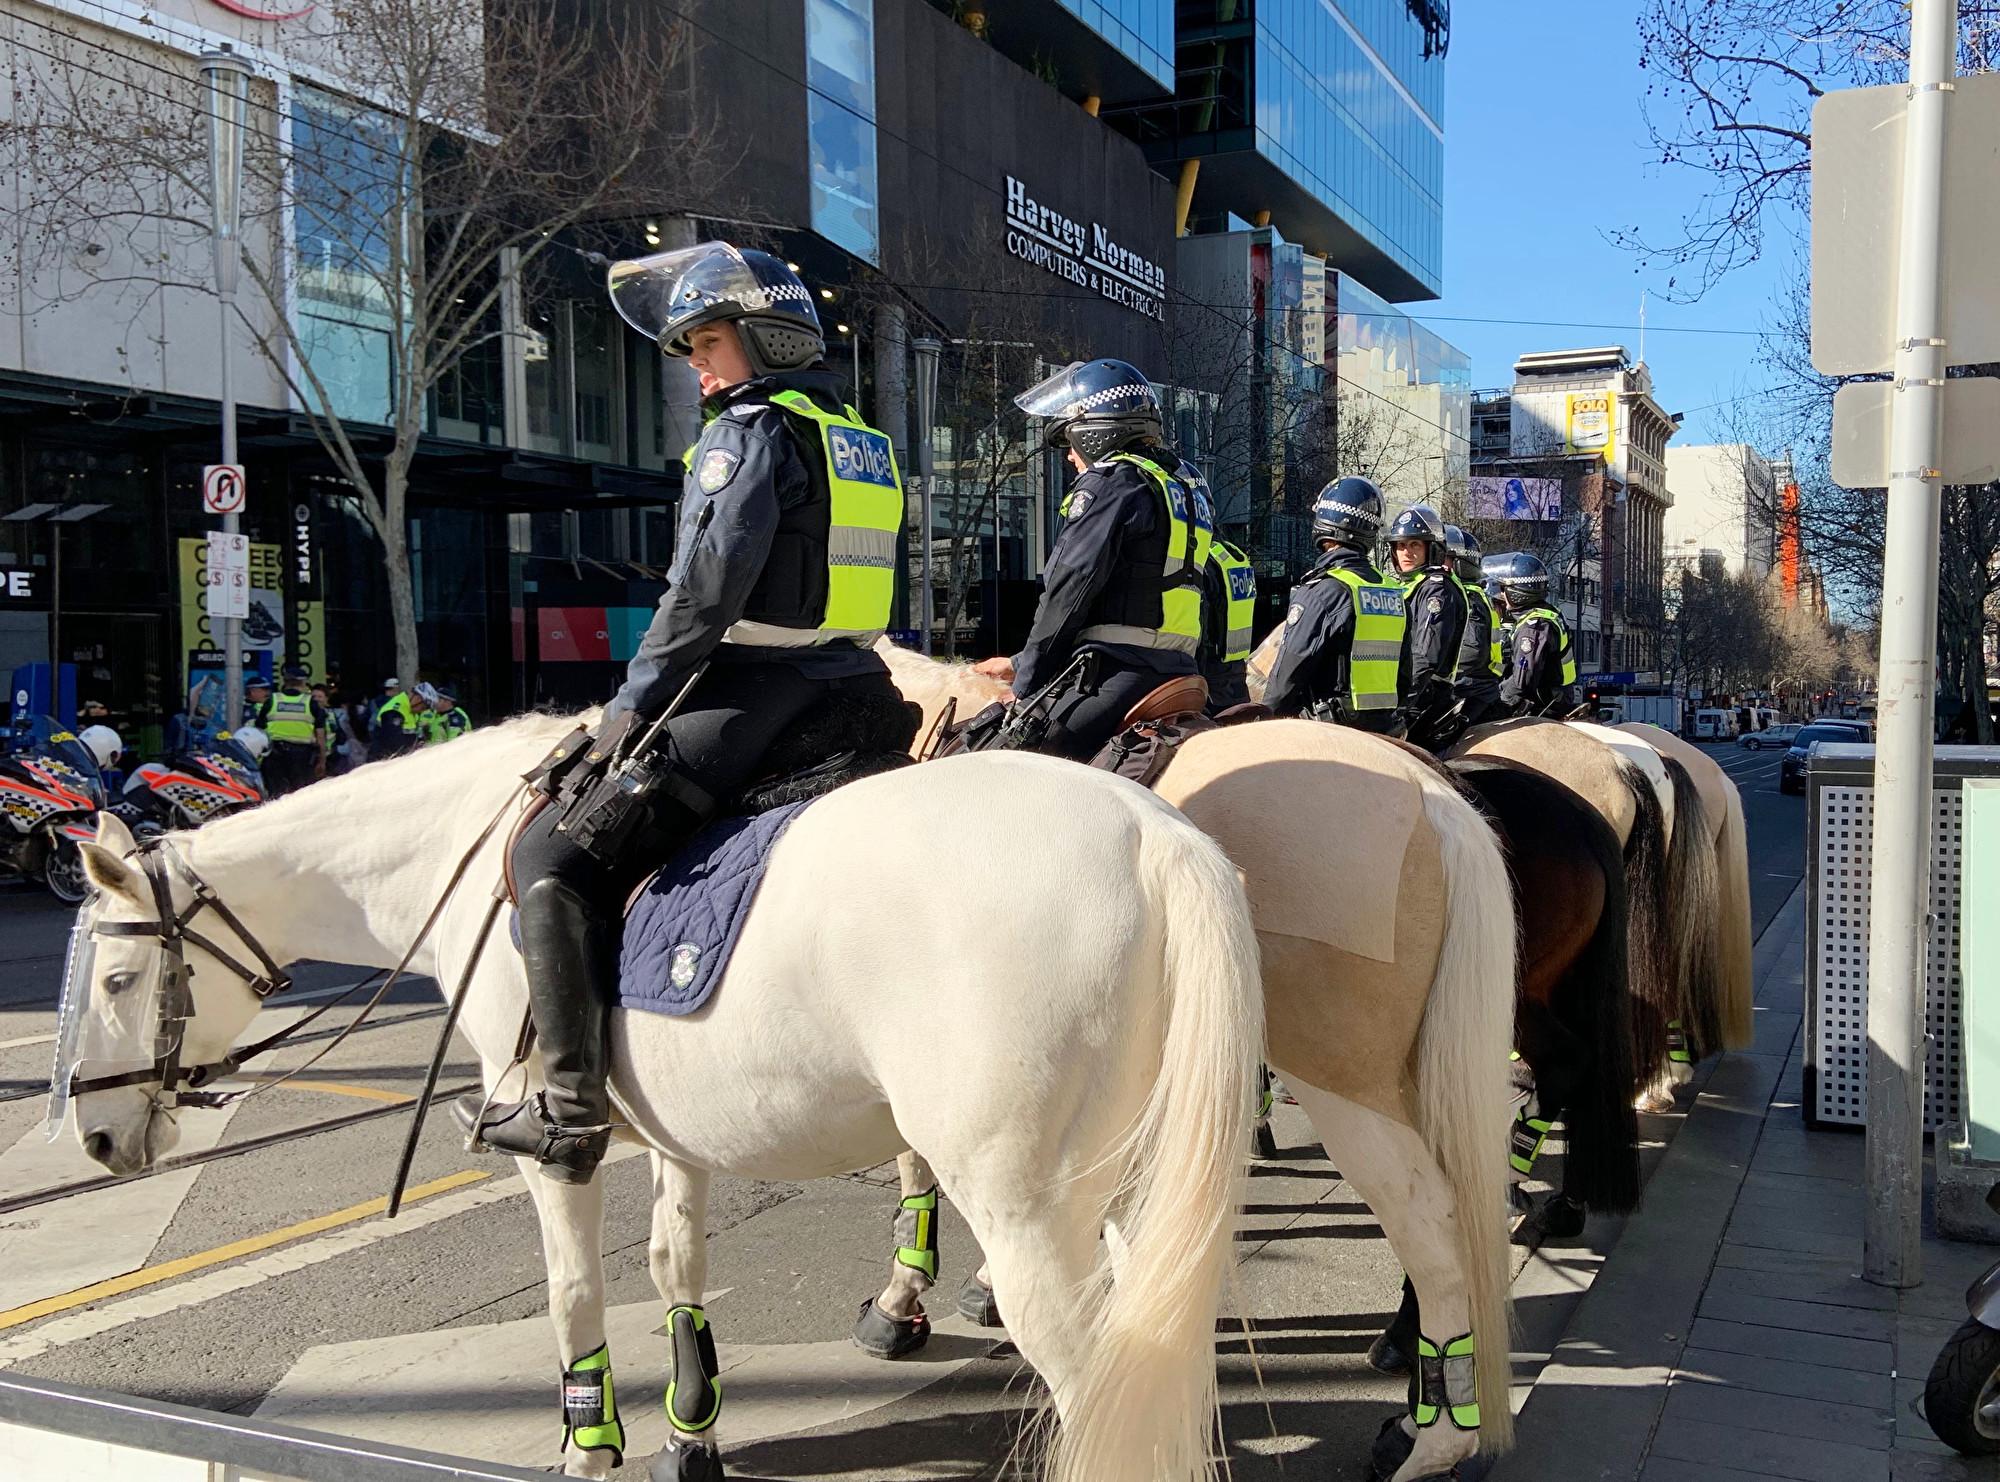 集會期間,數名騎警部署在Swanston St街與Lt Lonsdale St街交叉路口。(Rebel Jom/大紀元)